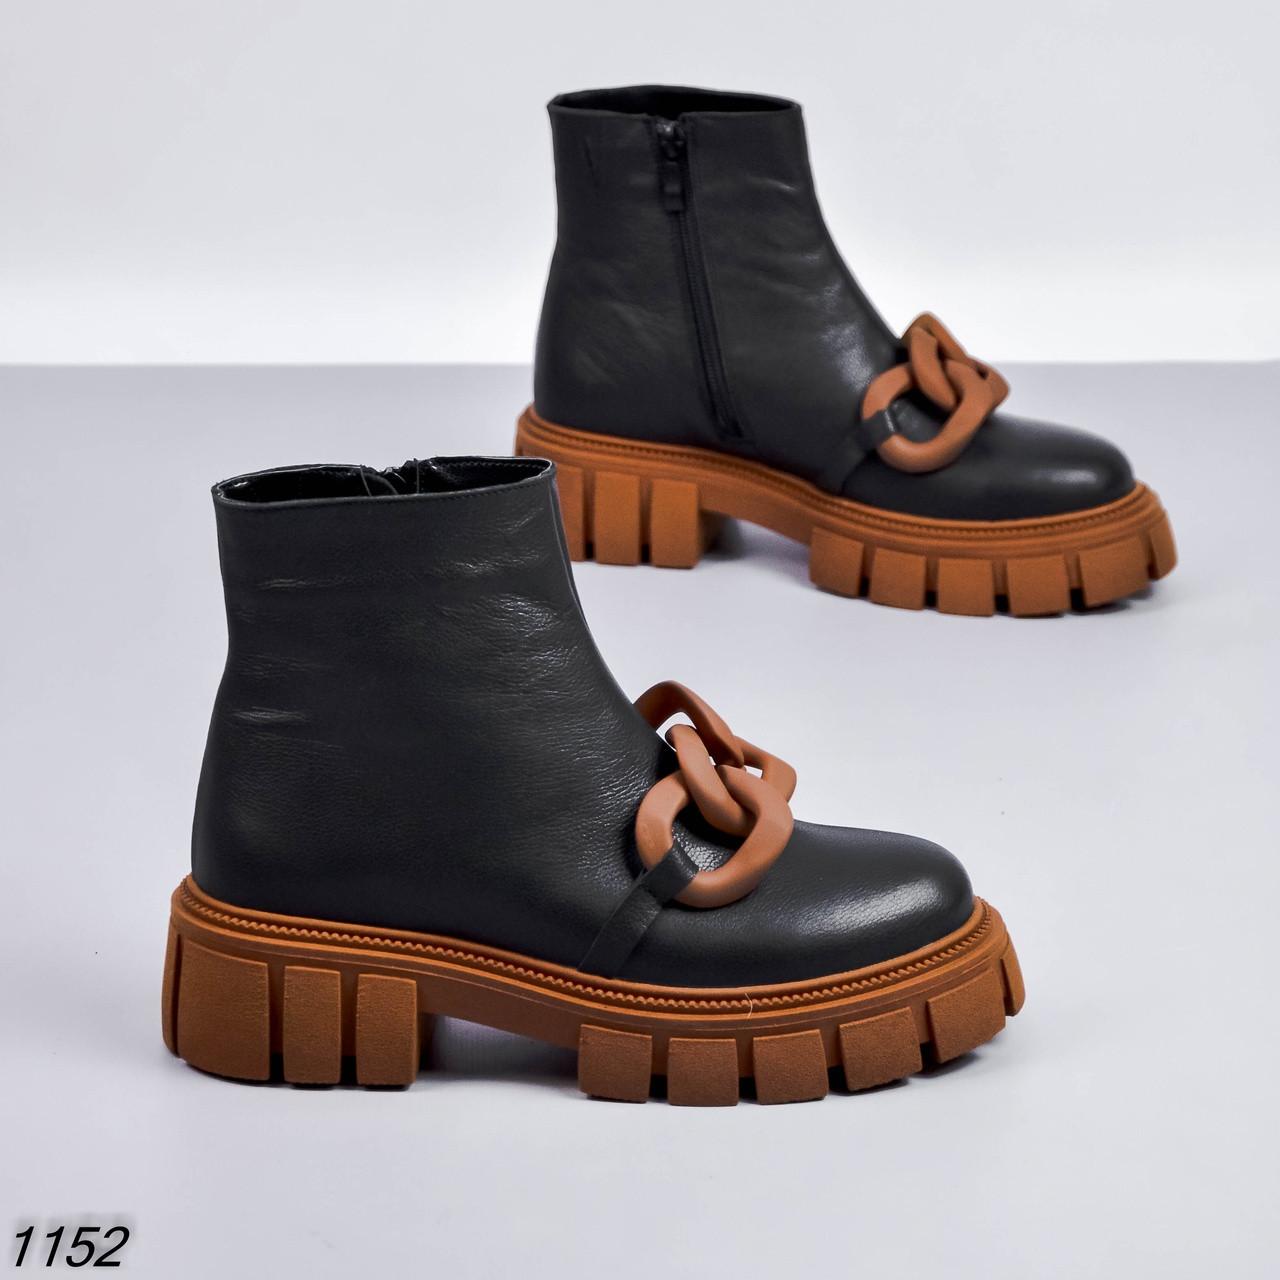 Жіночі черевики Ланцюга Колір - Чорний + коричневий Матеріал -Натуральна шкіра